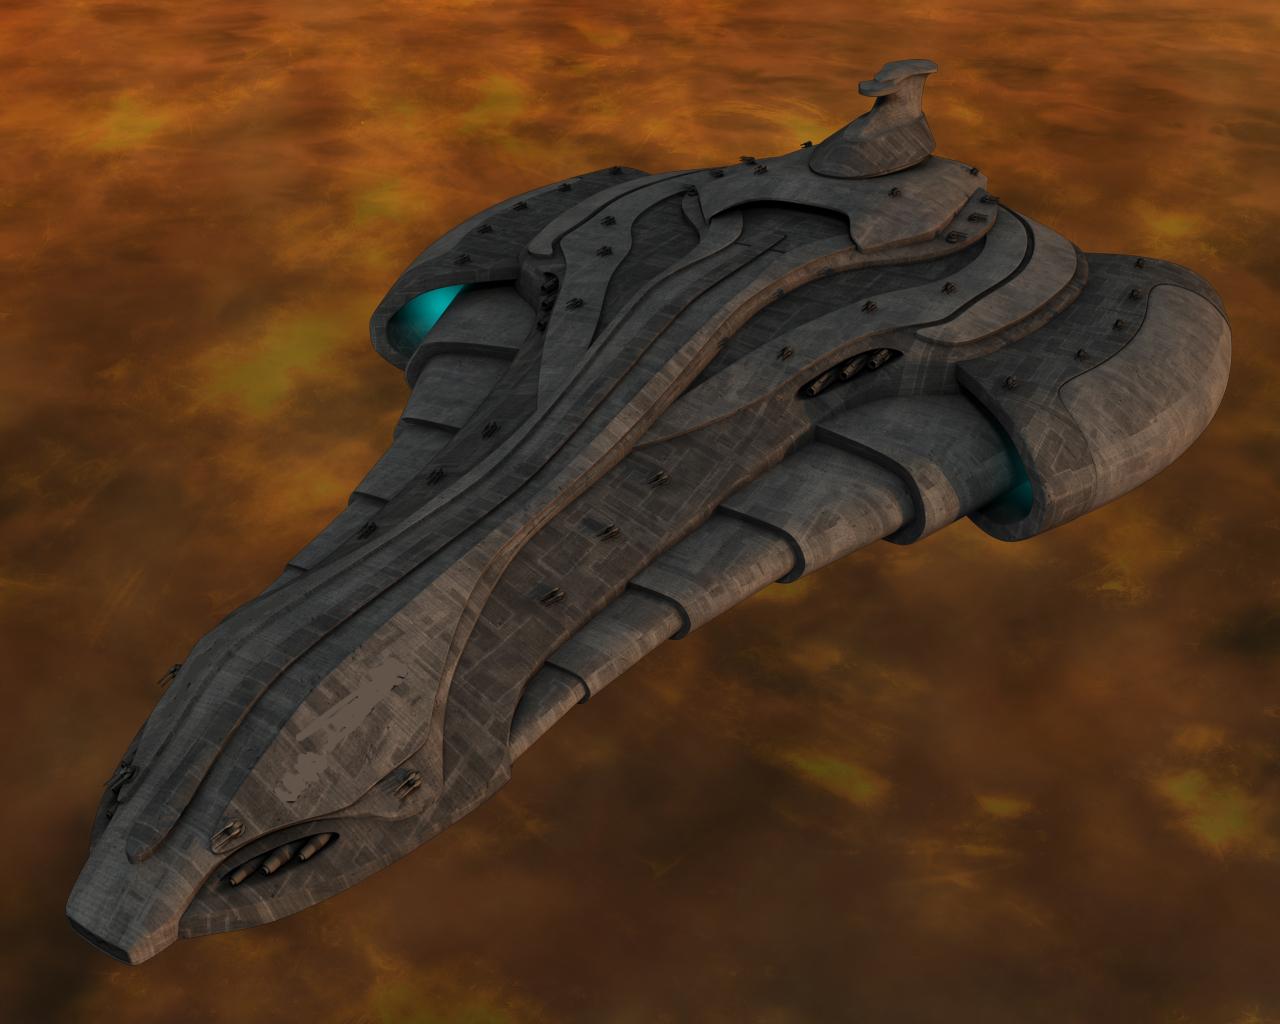 Aggressor-class Battleship